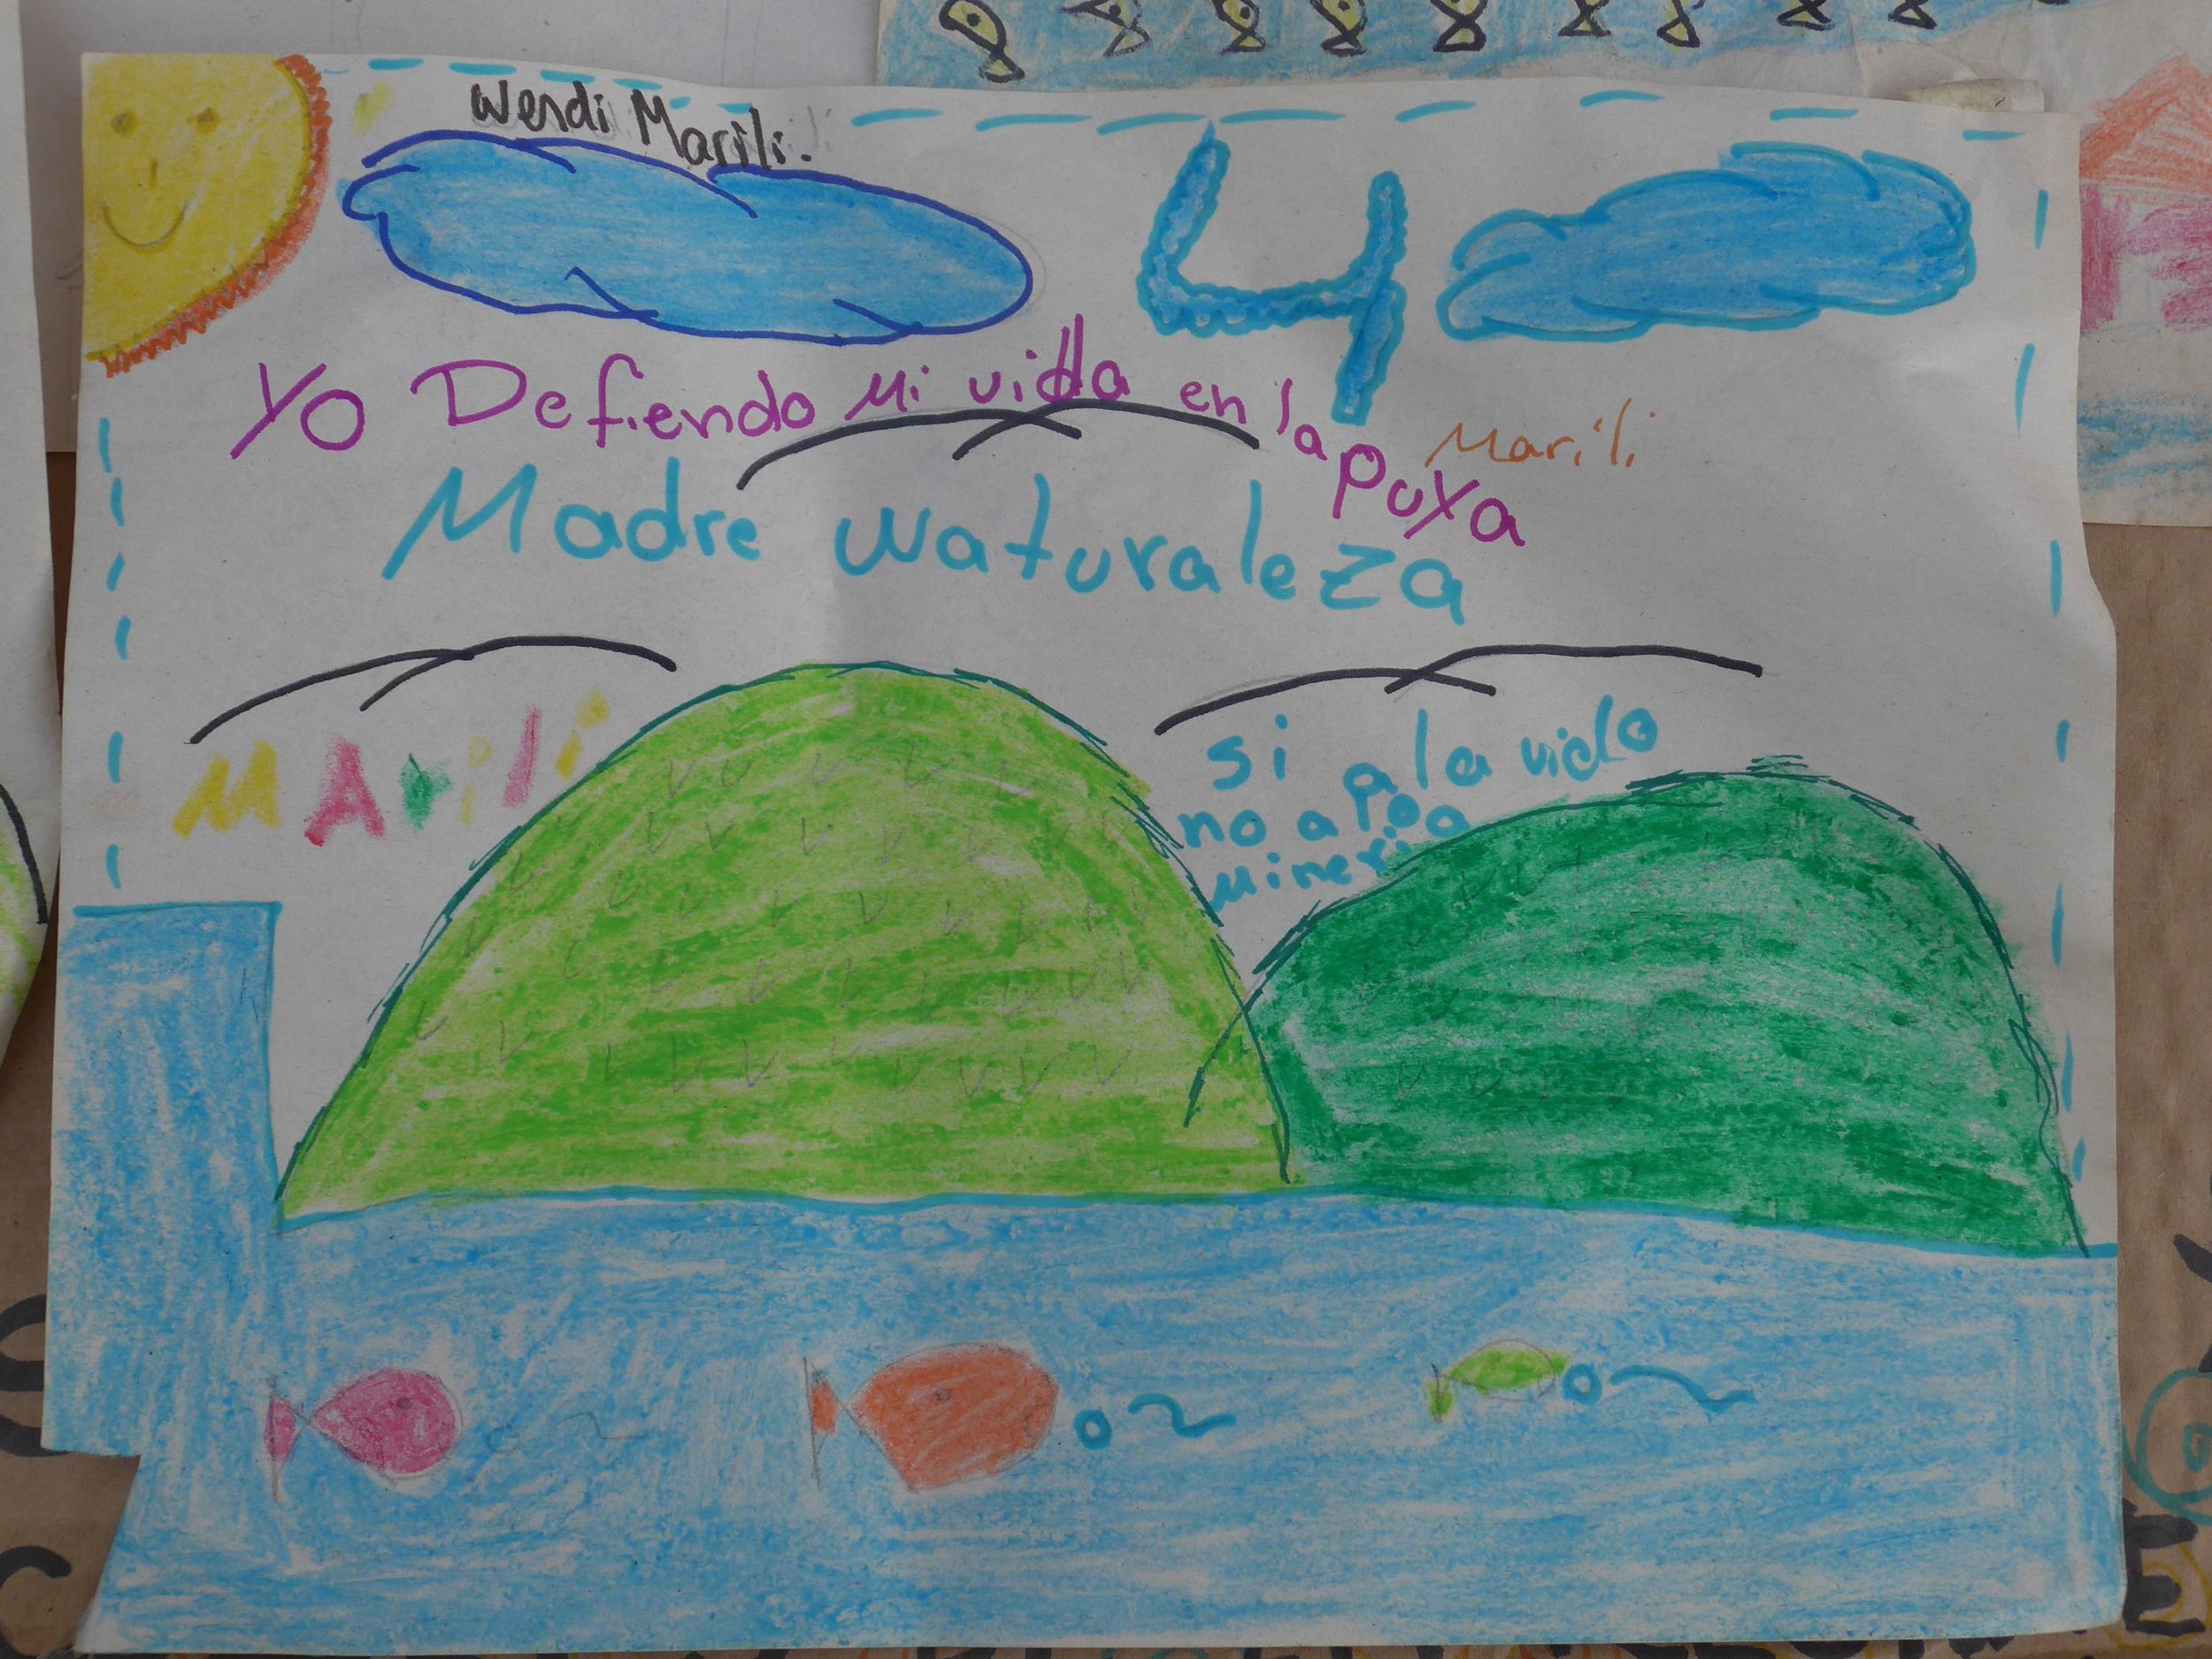 Expressión infantil de la realidad que se vive en su comunidad. A child's expression of their community's reality.